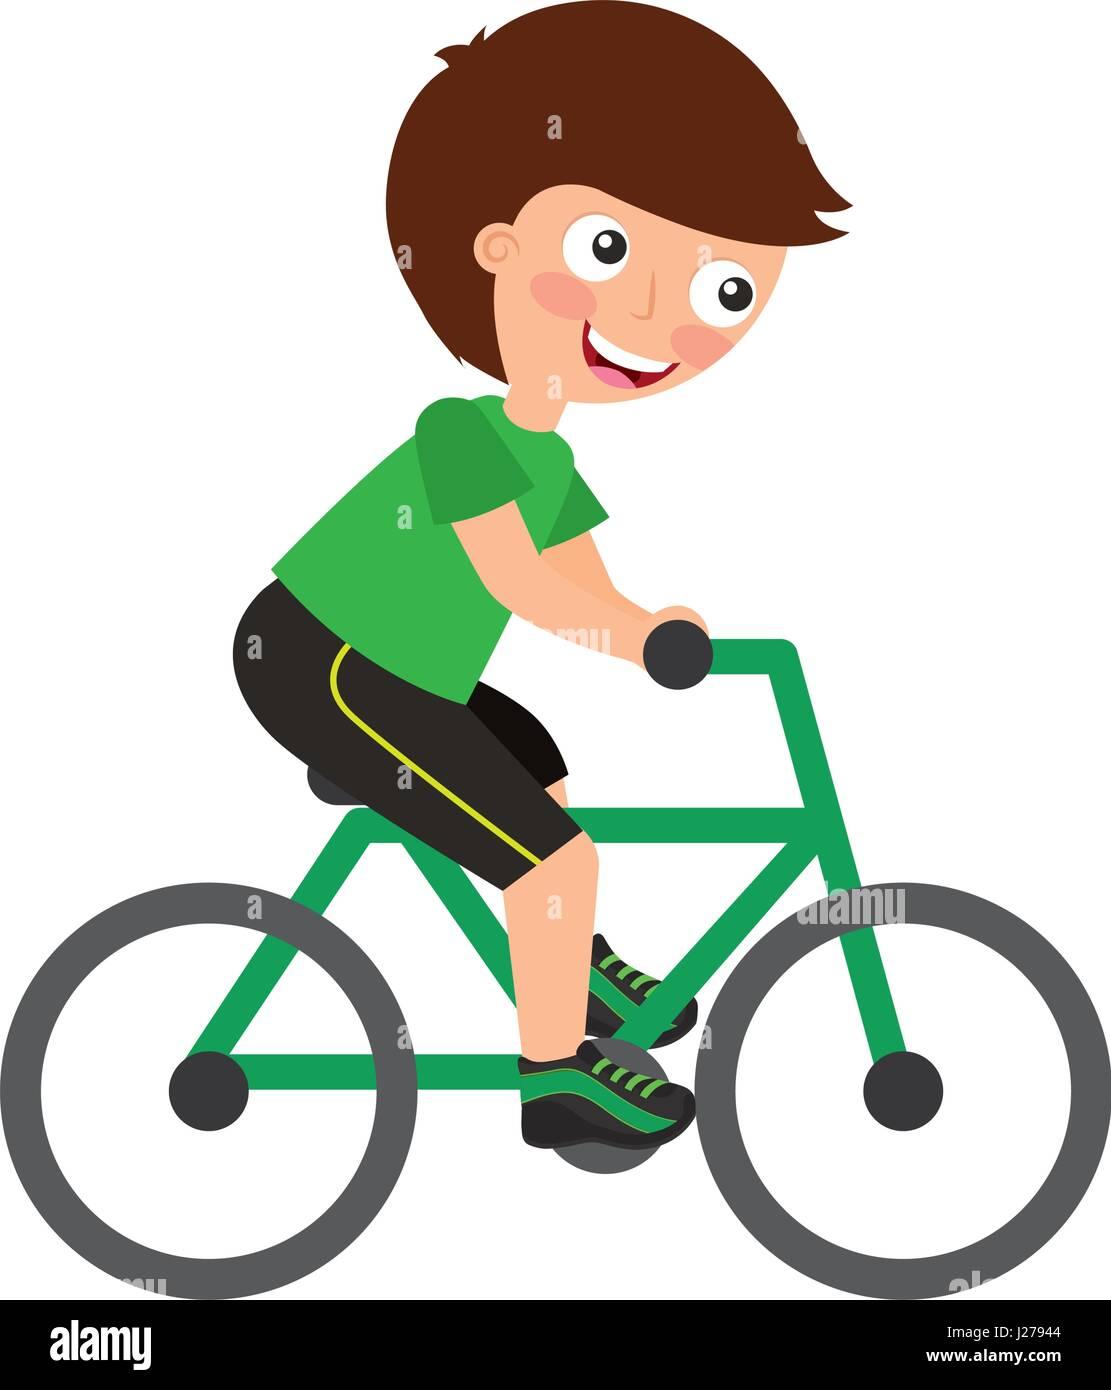 A Boy Riding A Bike Cheap Online